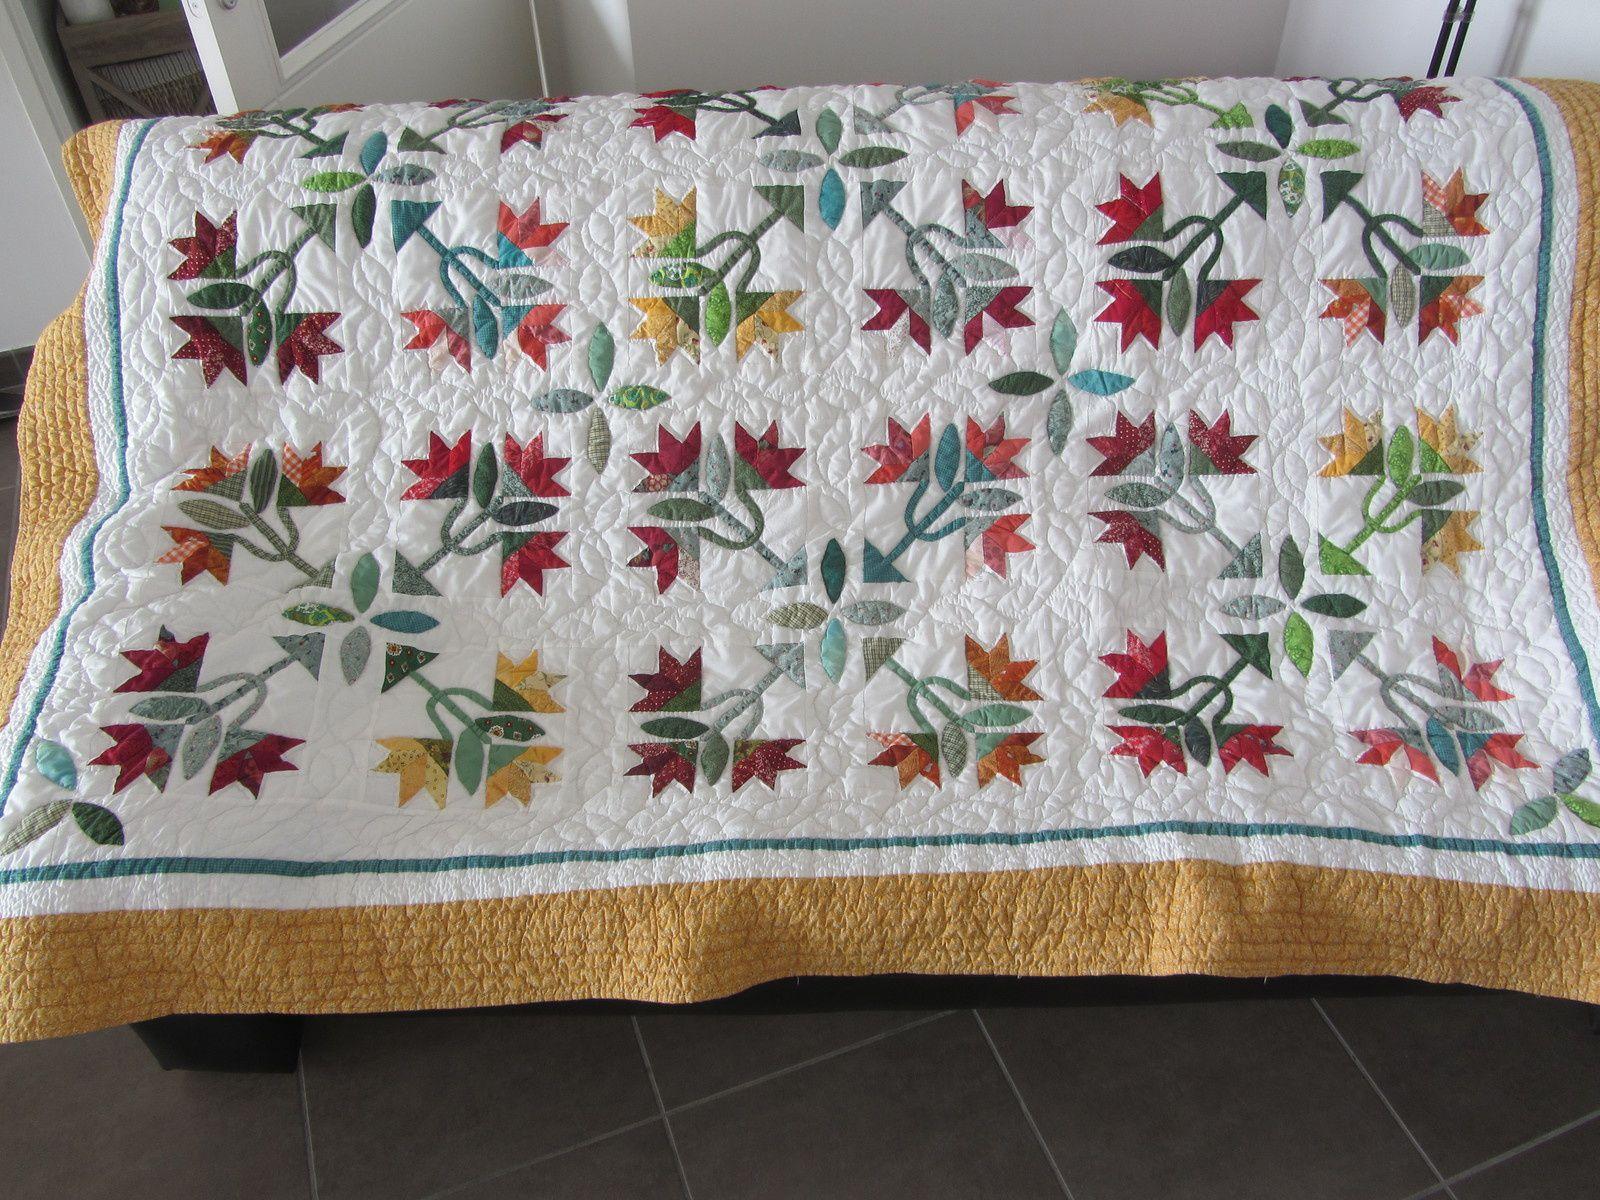 Voici un plaid en patchwork, que je ne vous au jamais montré. Je l'ai réalisé il y a quelques années déjà lorsque j'étais en Pologne.